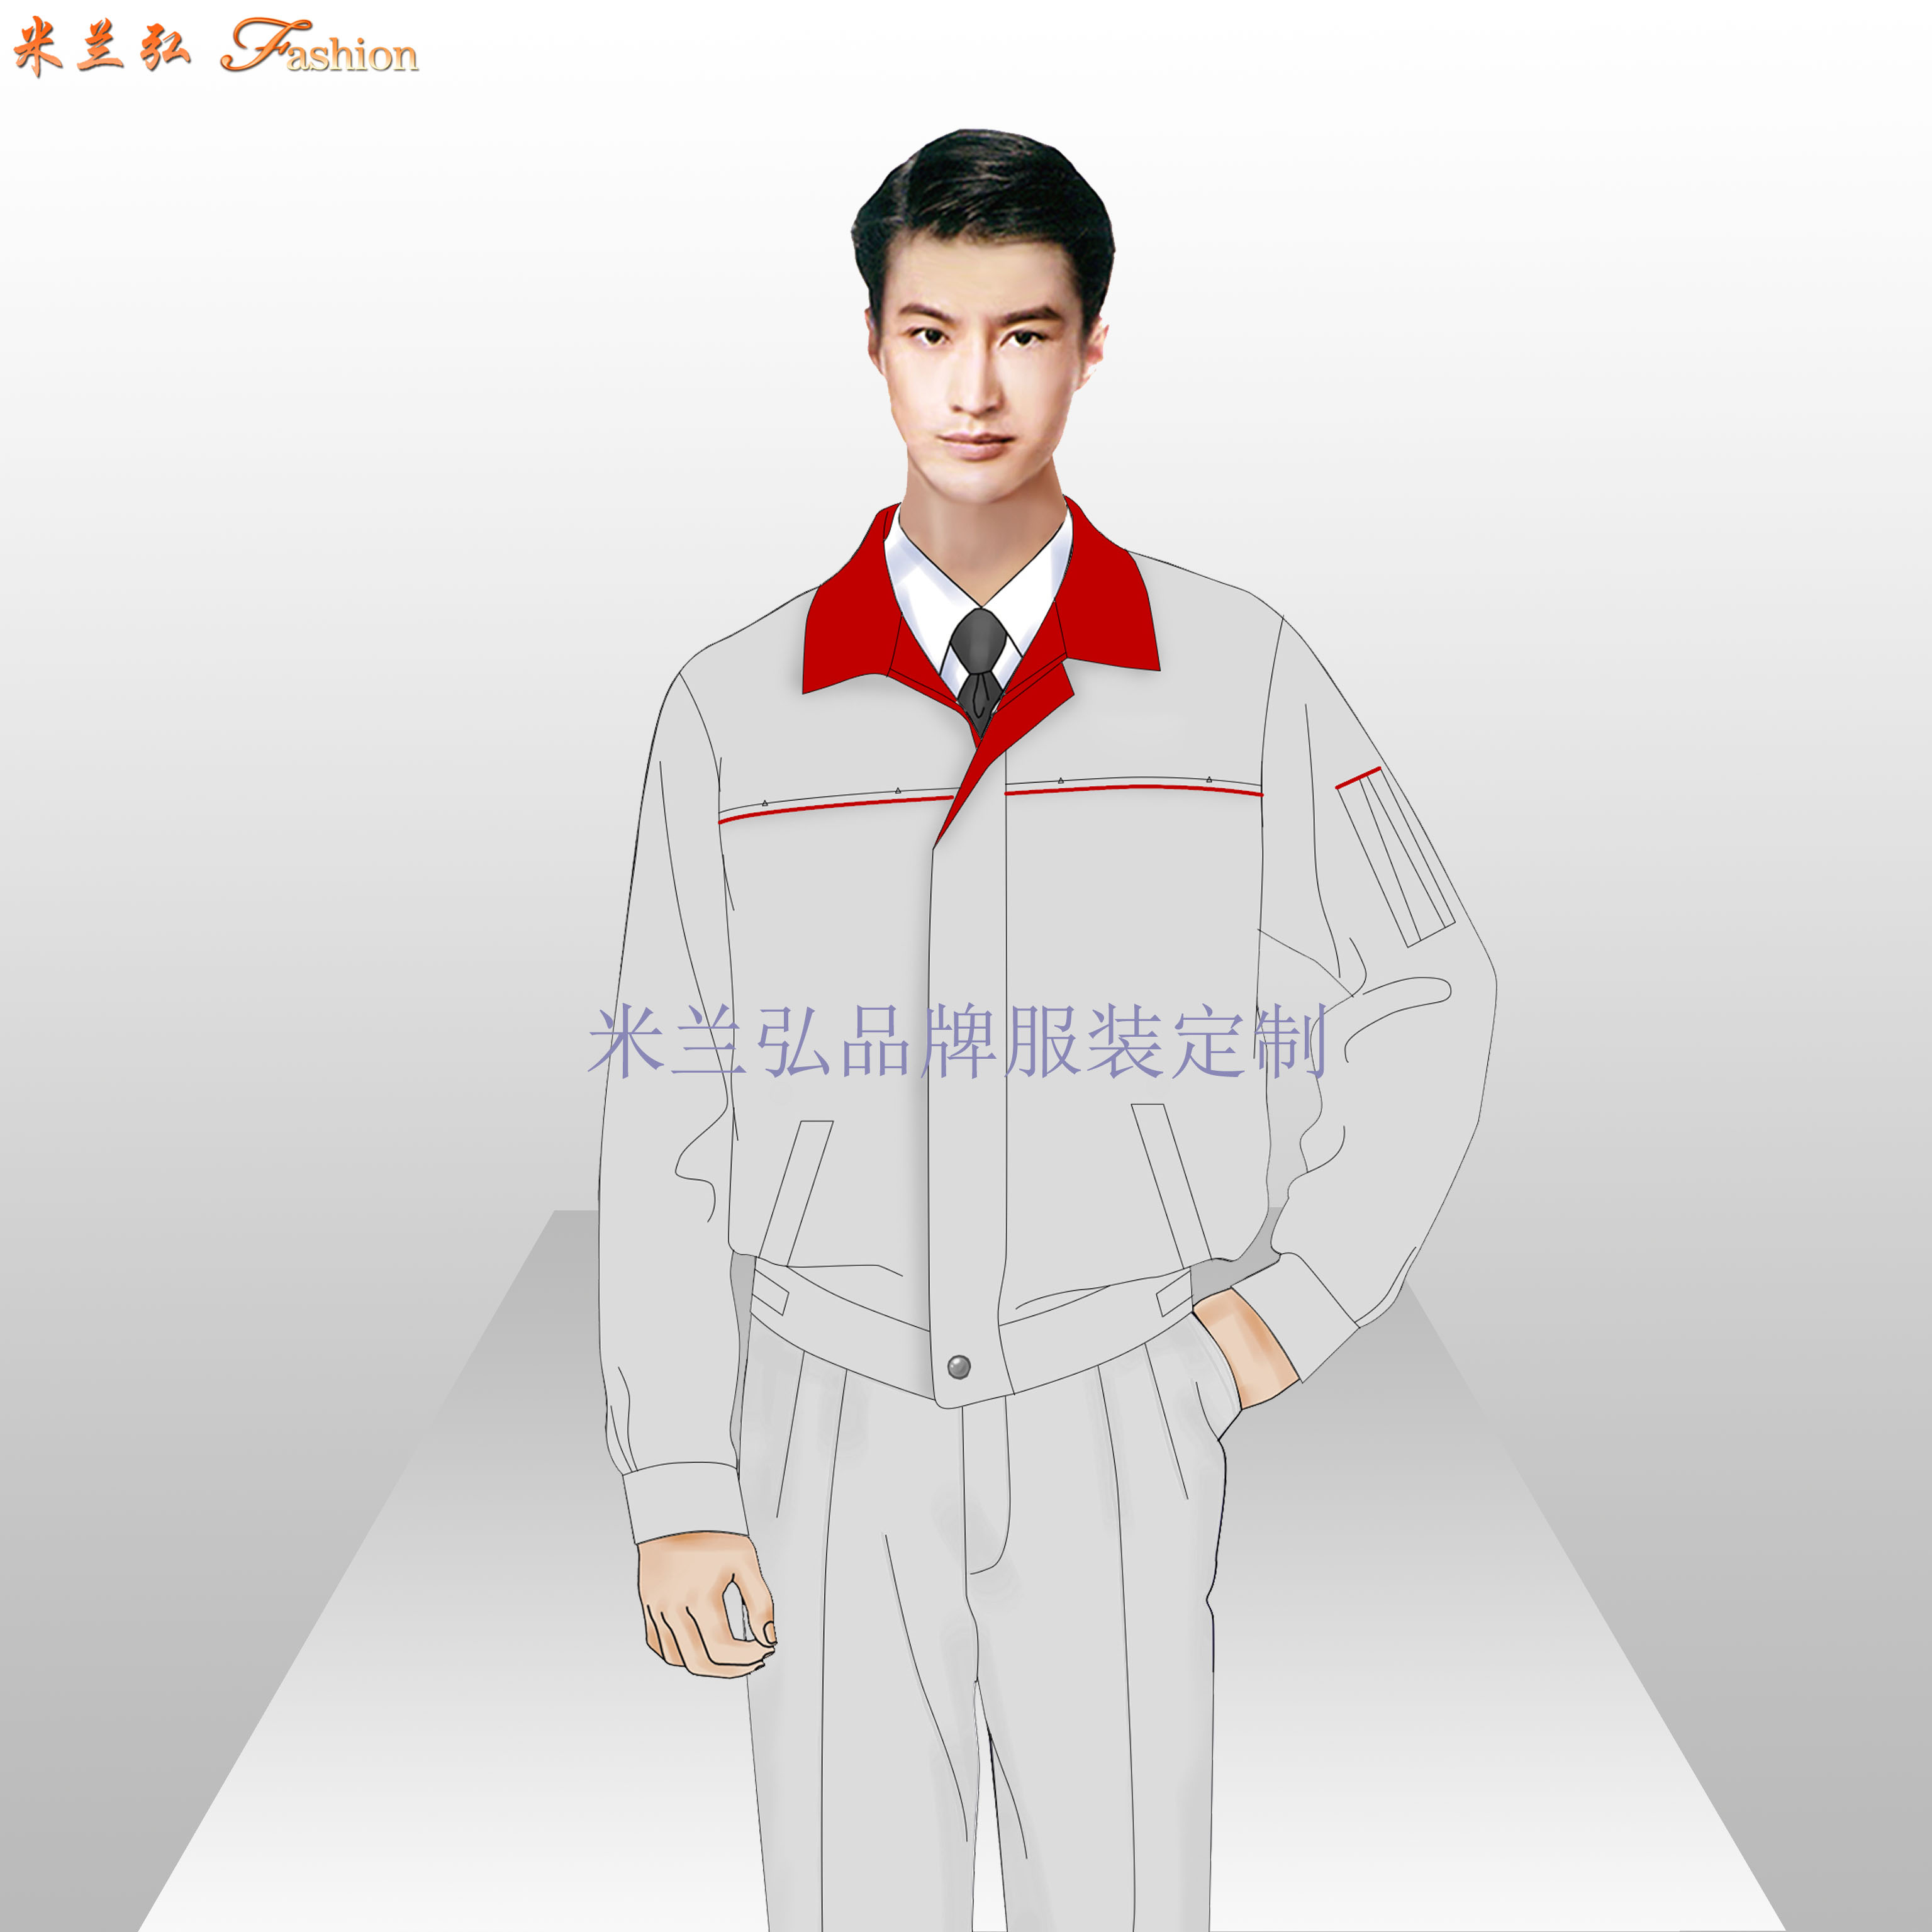 貴陽工作服定制_貴陽工程服訂做-米蘭弘服裝廠家-4